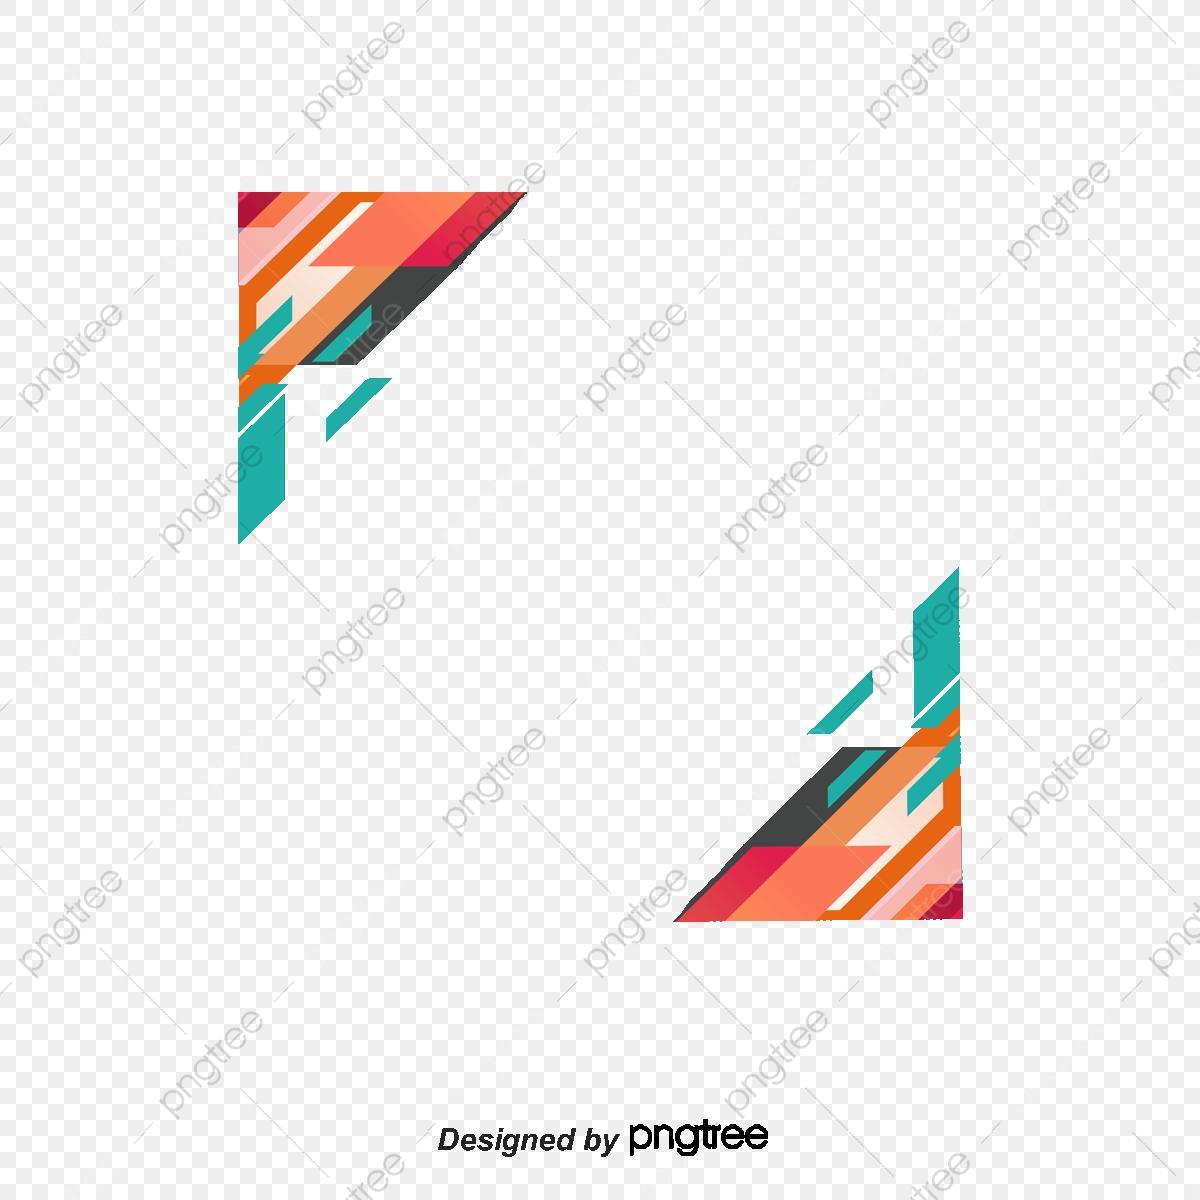 vector transparent library Vector color border. Stripes diagonal png art